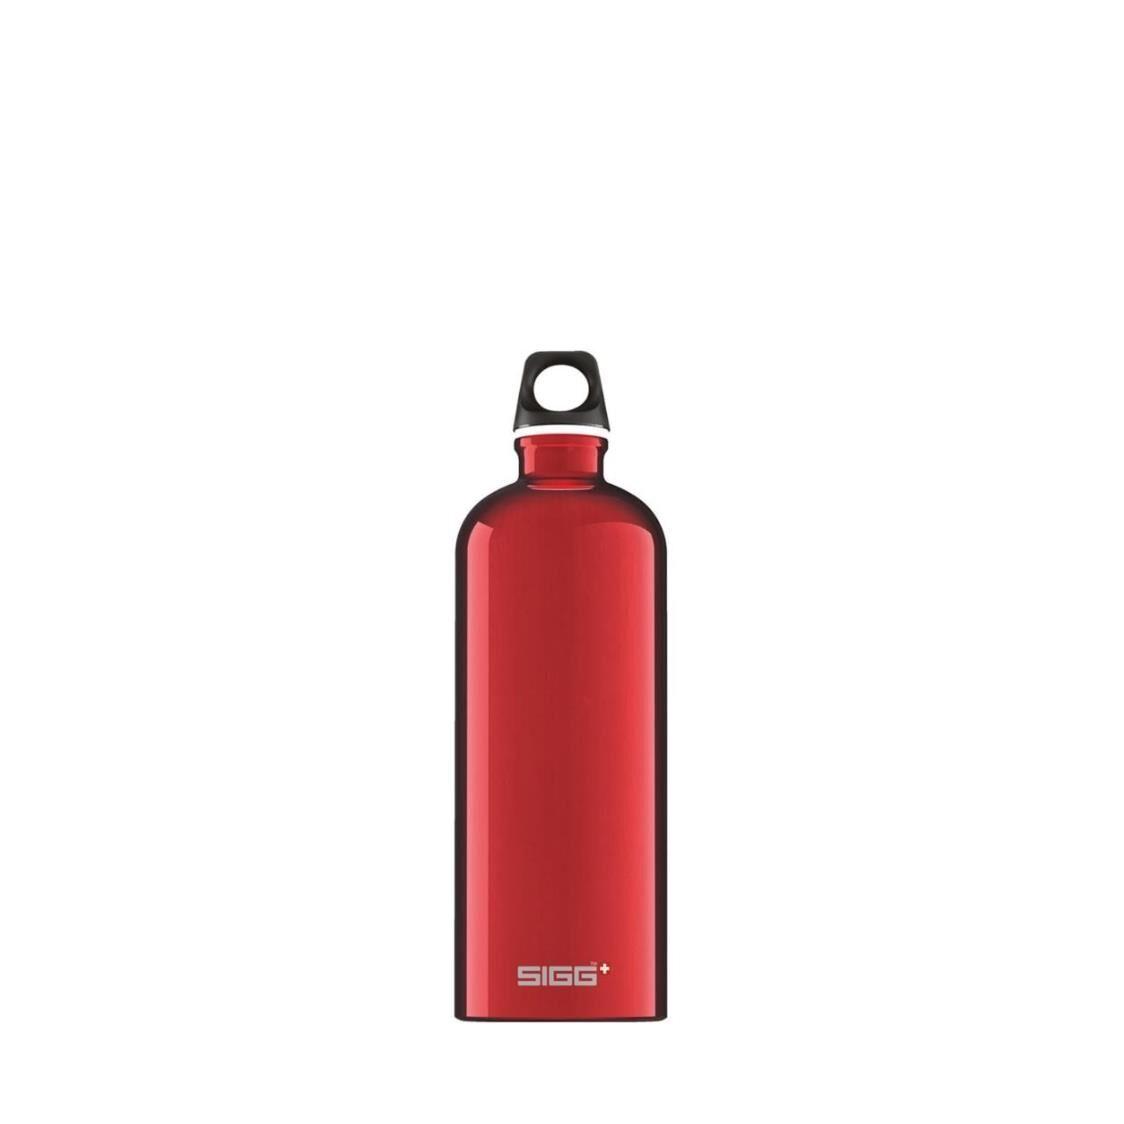 Sigg Traveller 1L Water Bottle Red 832640 UP 4390